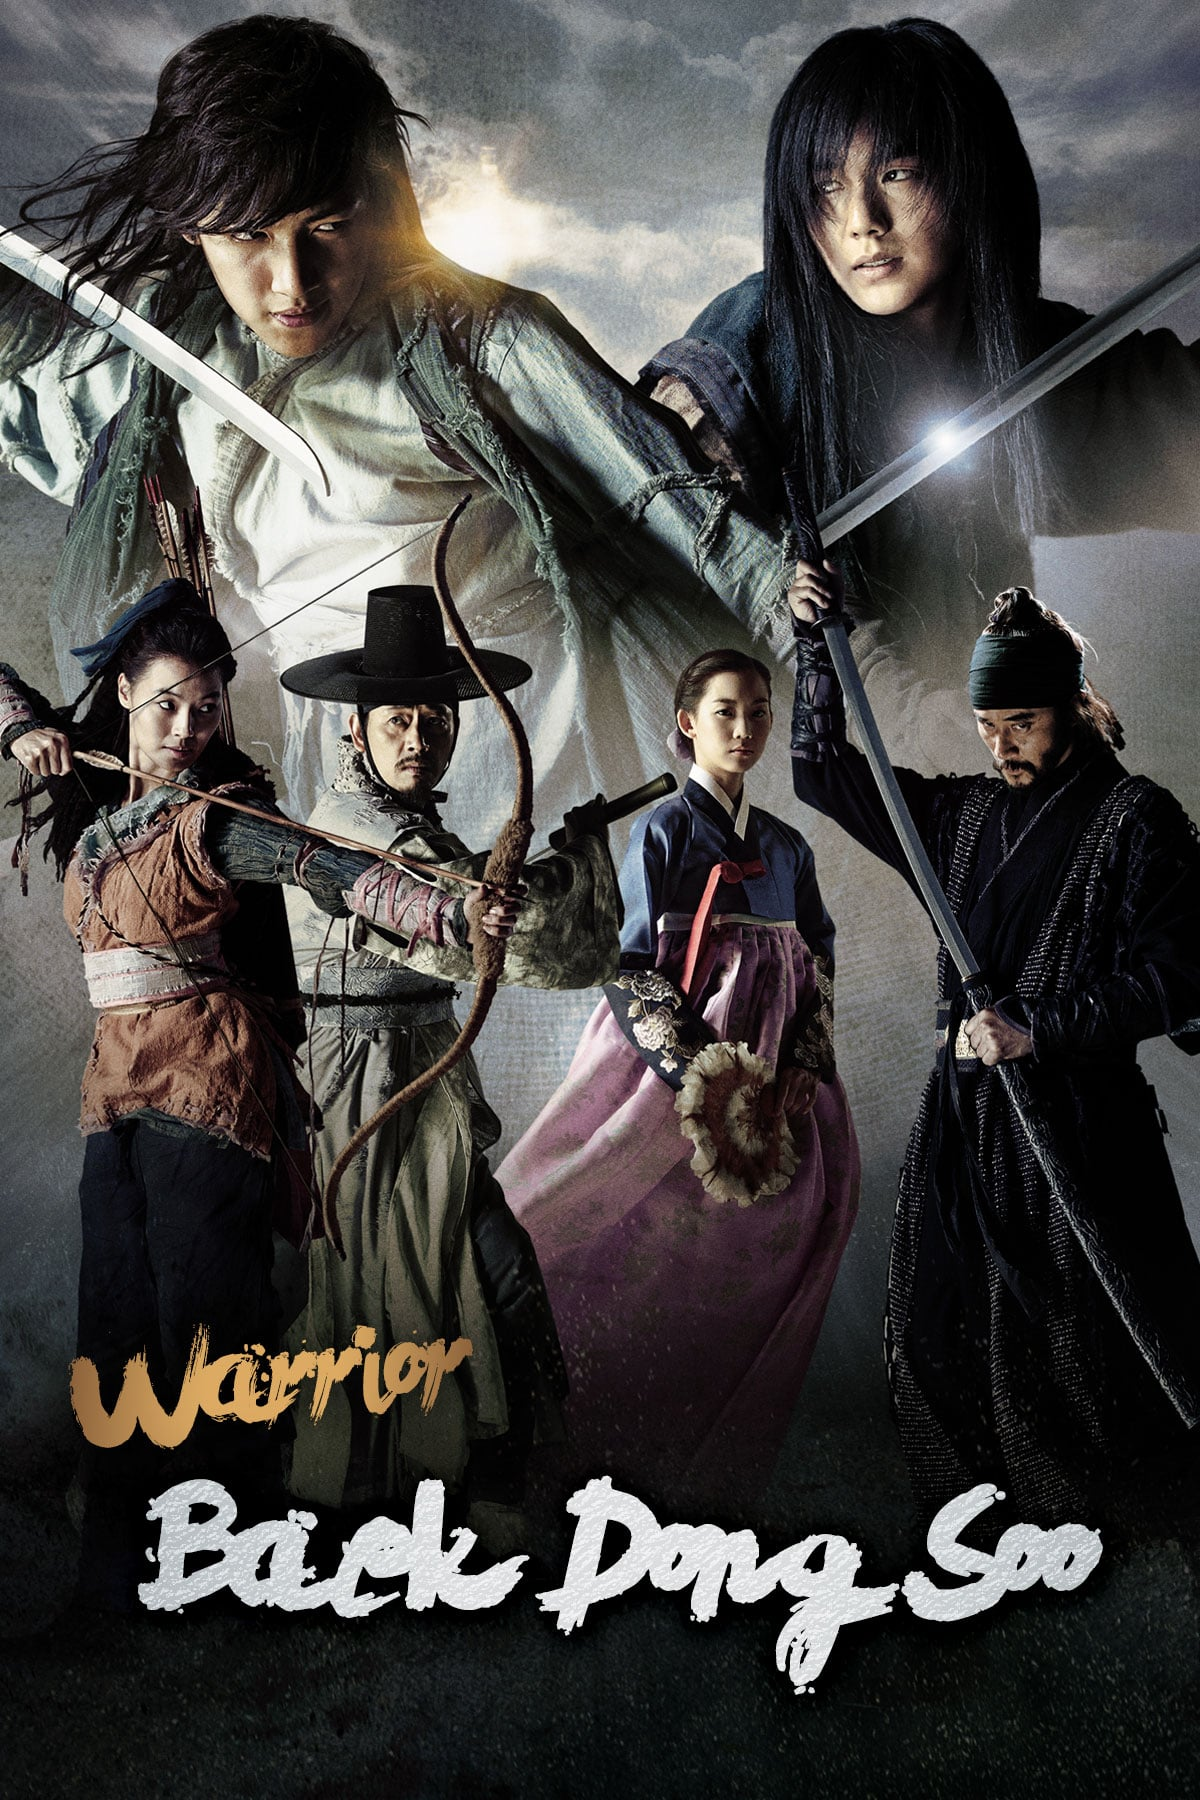 chiến binh baek dong so phim hàn quốc